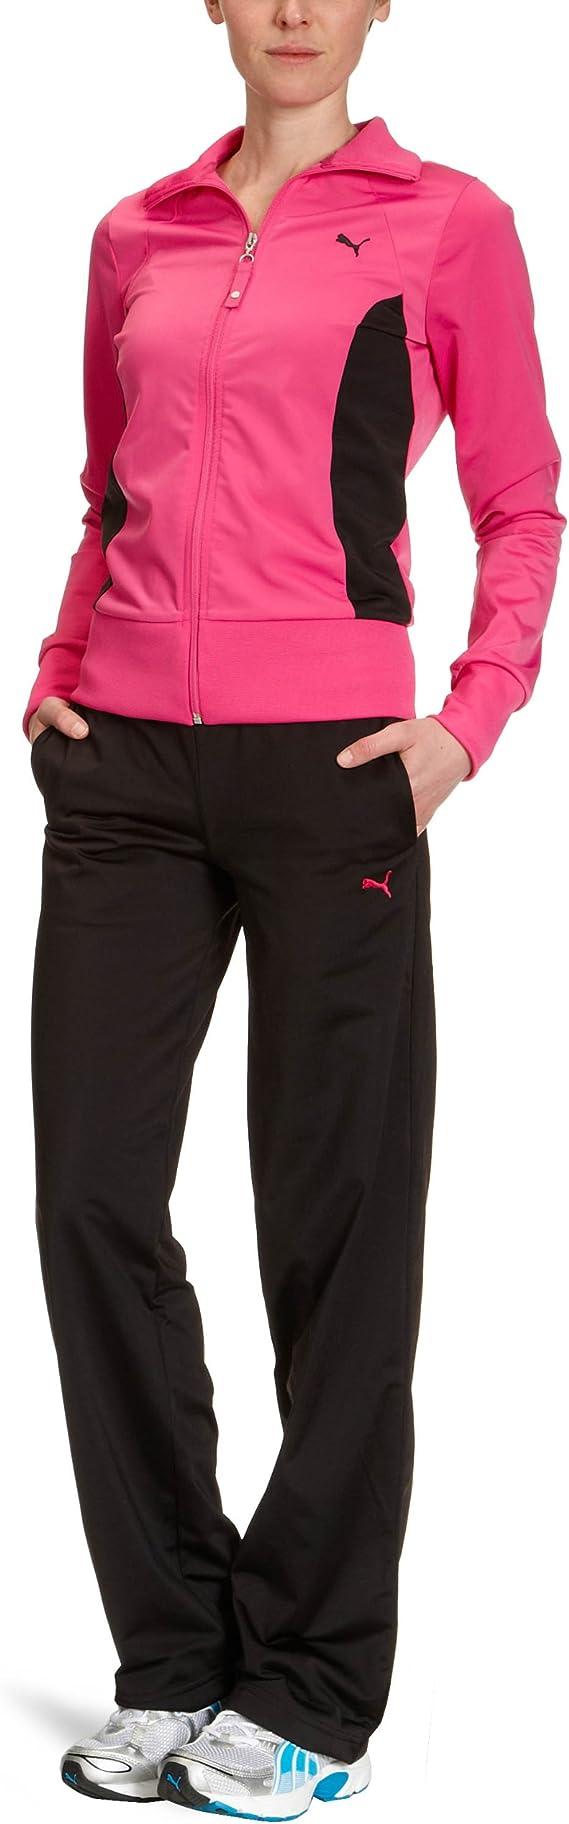 PUMA - Chándal para Mujer, tamaño XS, Color Grosella Rosa - Negro ...